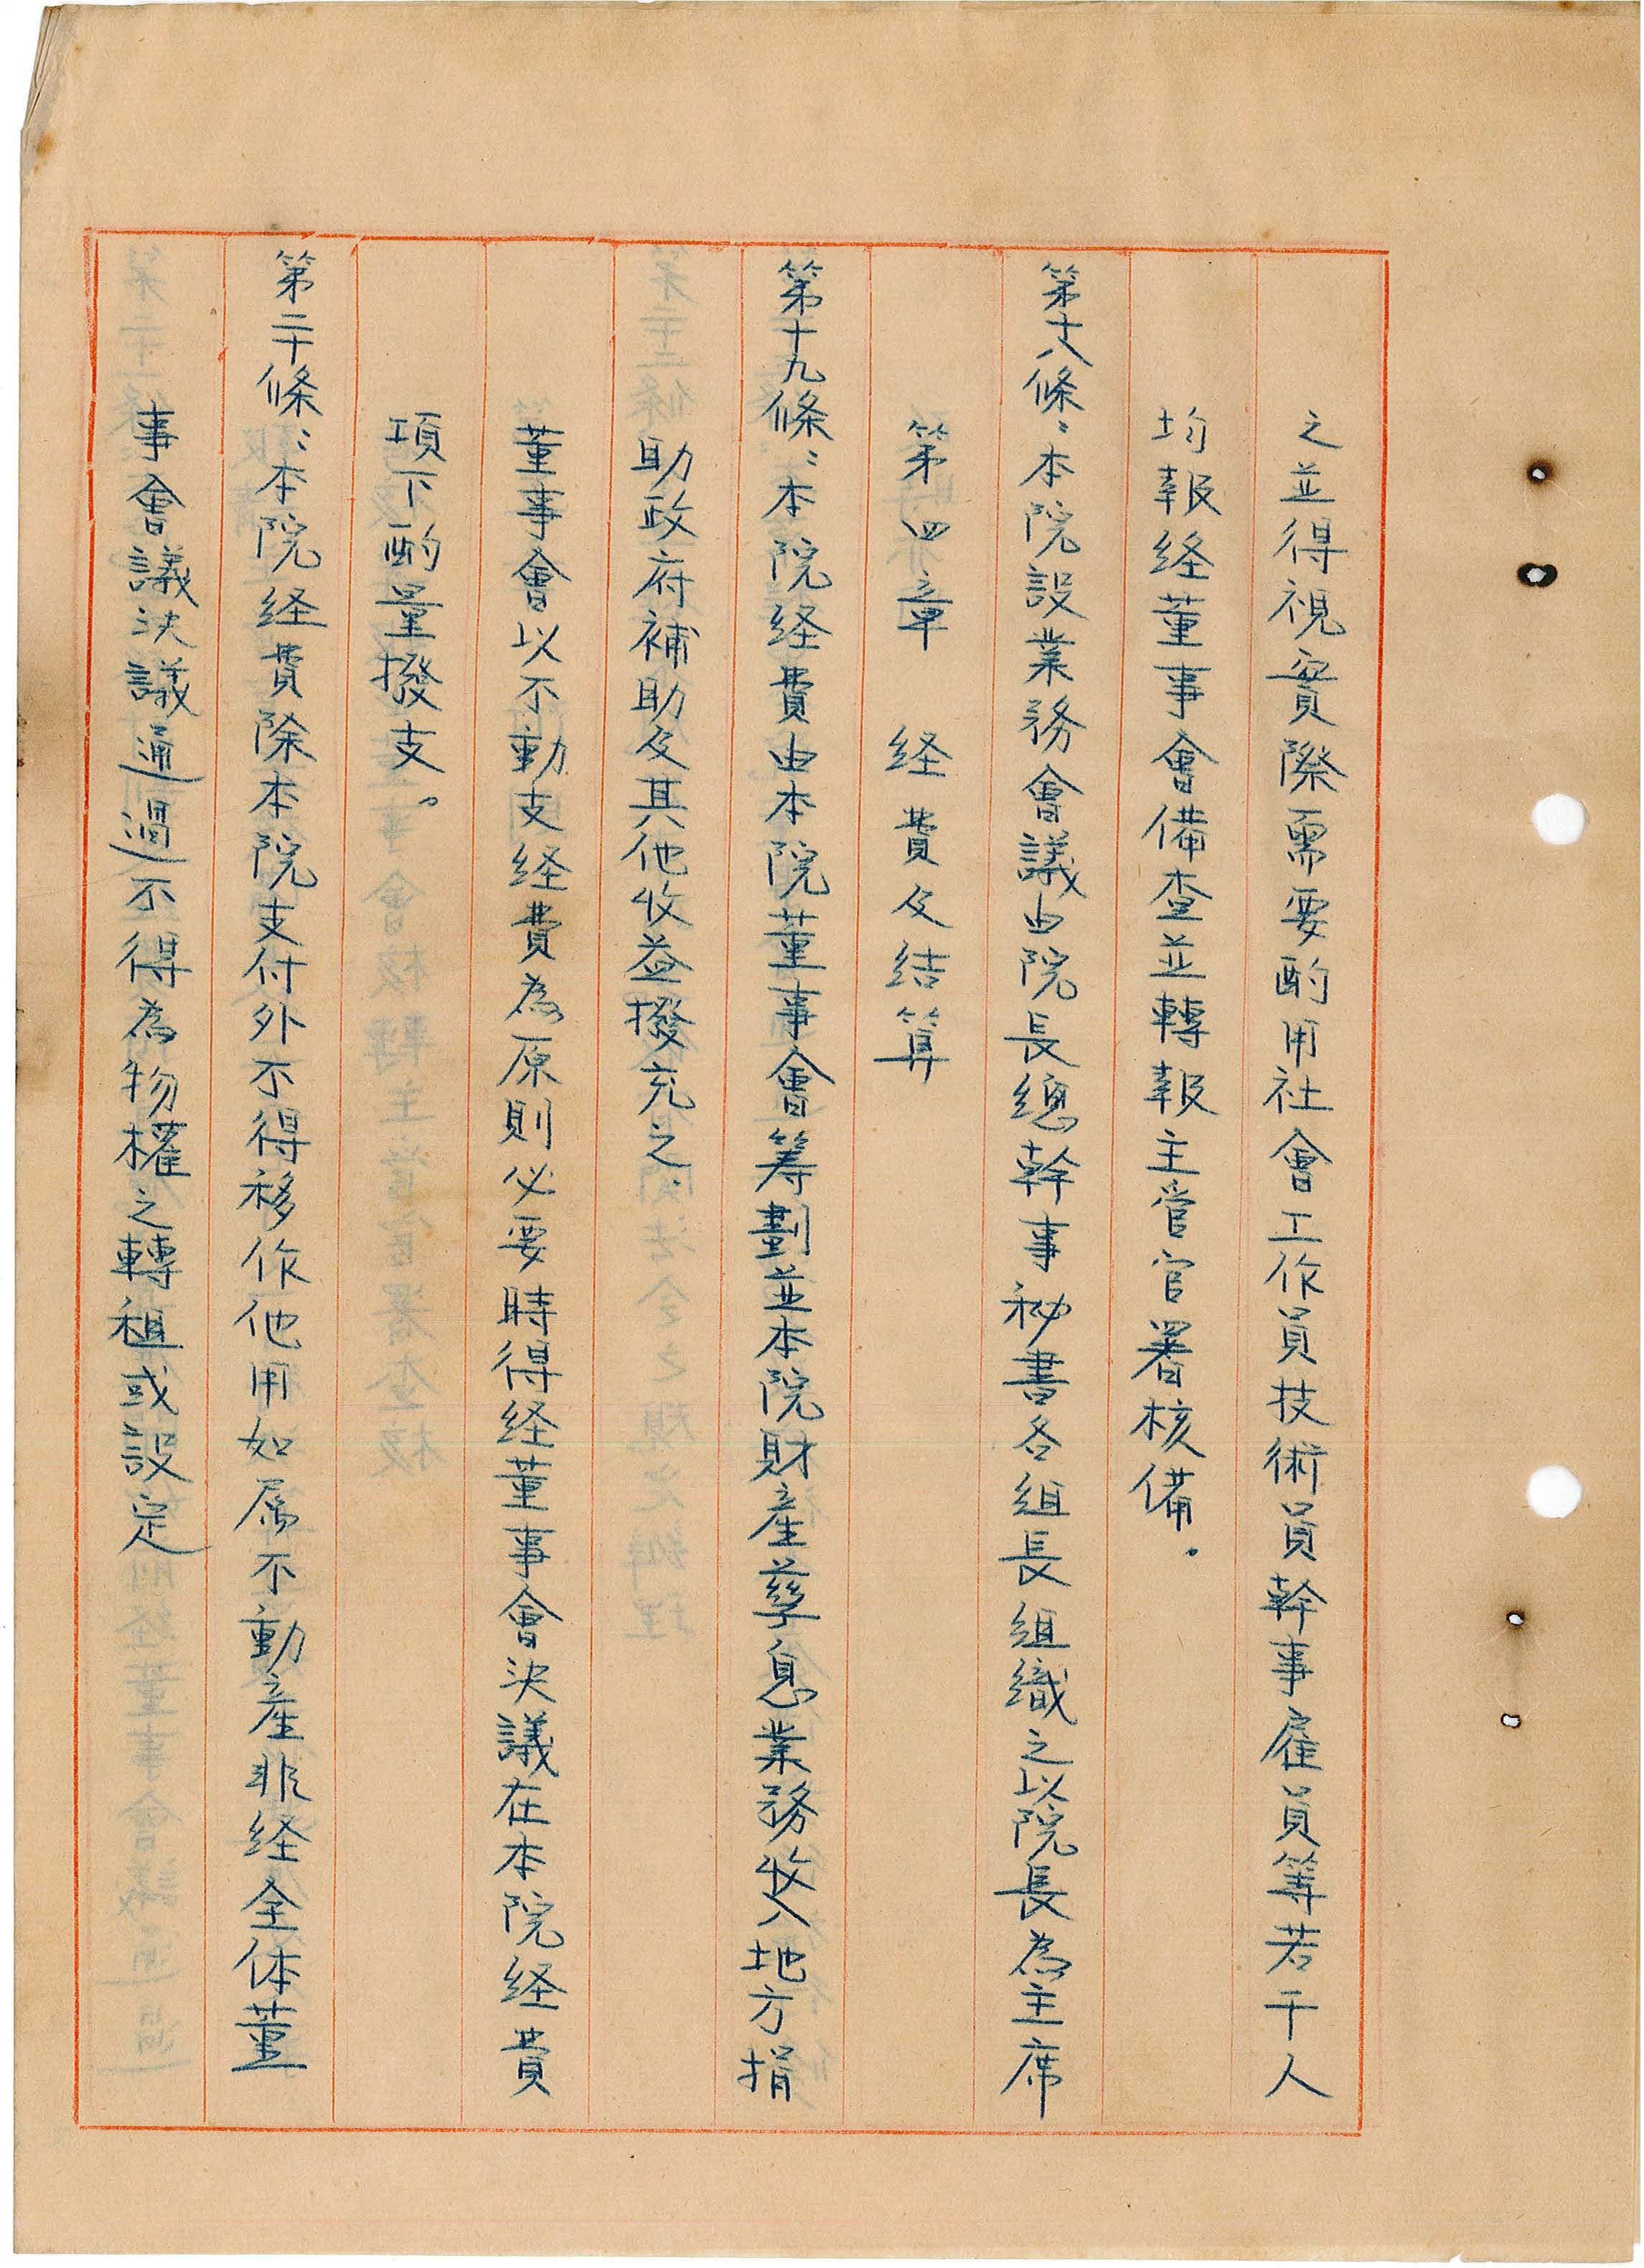 台灣省私立台灣盲人重建院-組織章程第十八至二十條